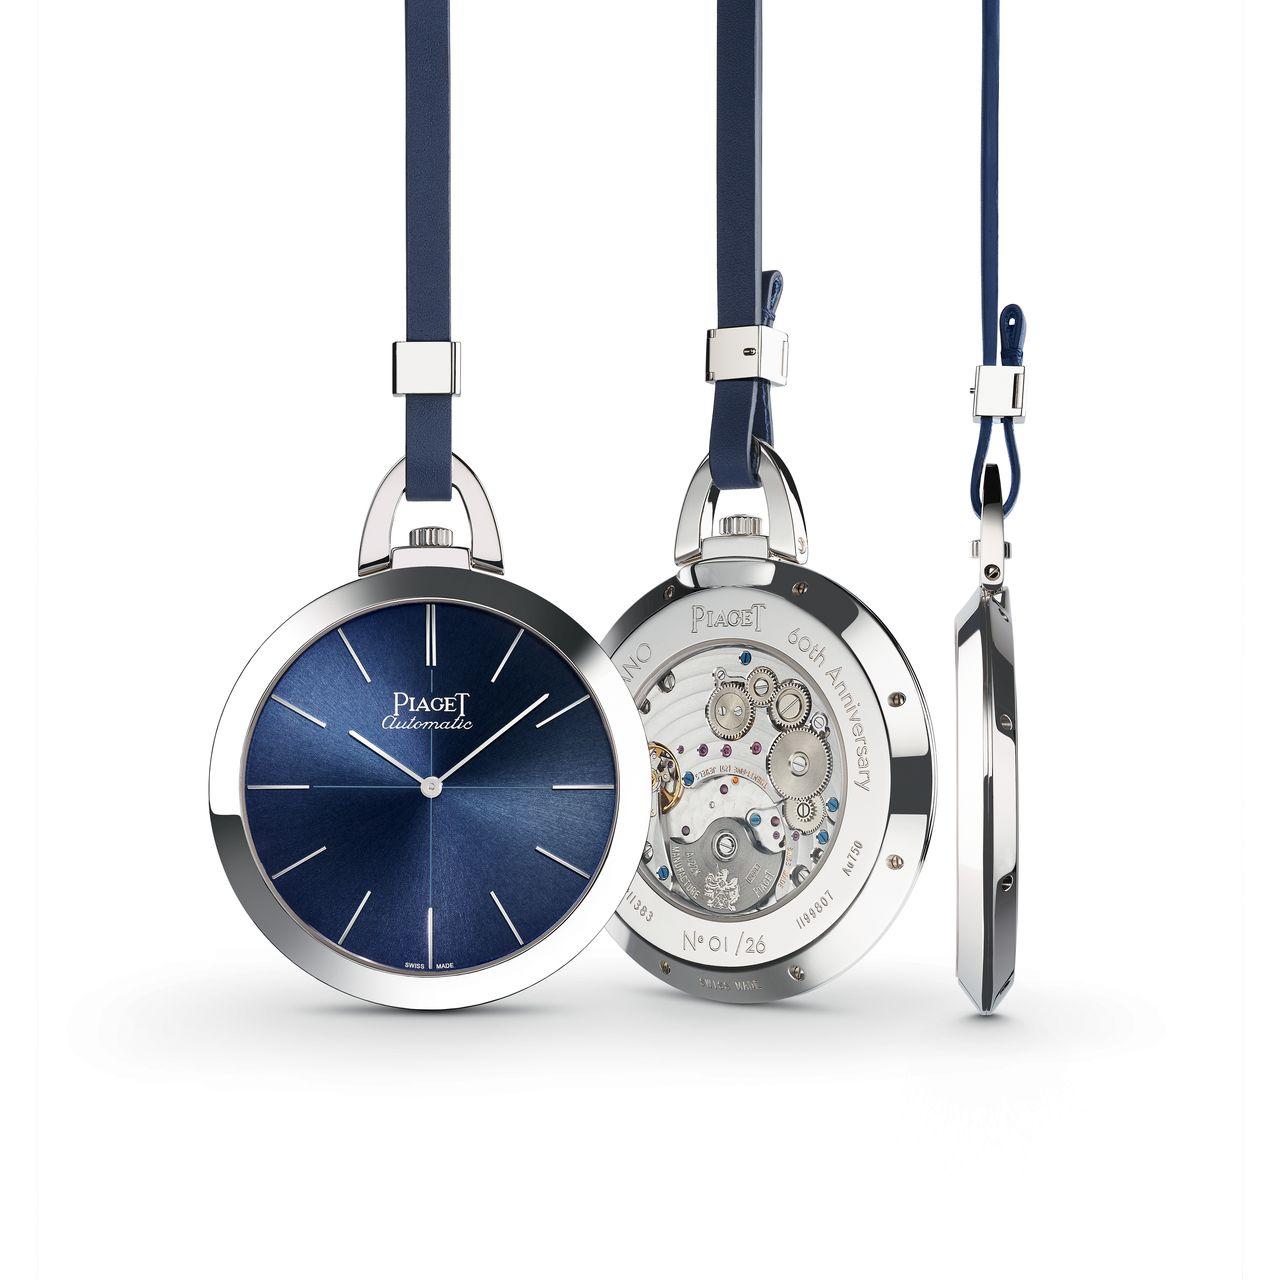 Piaget Altiplano 60th Anniversary Pocket Watch - lapos, nagy és szép a szerkezete